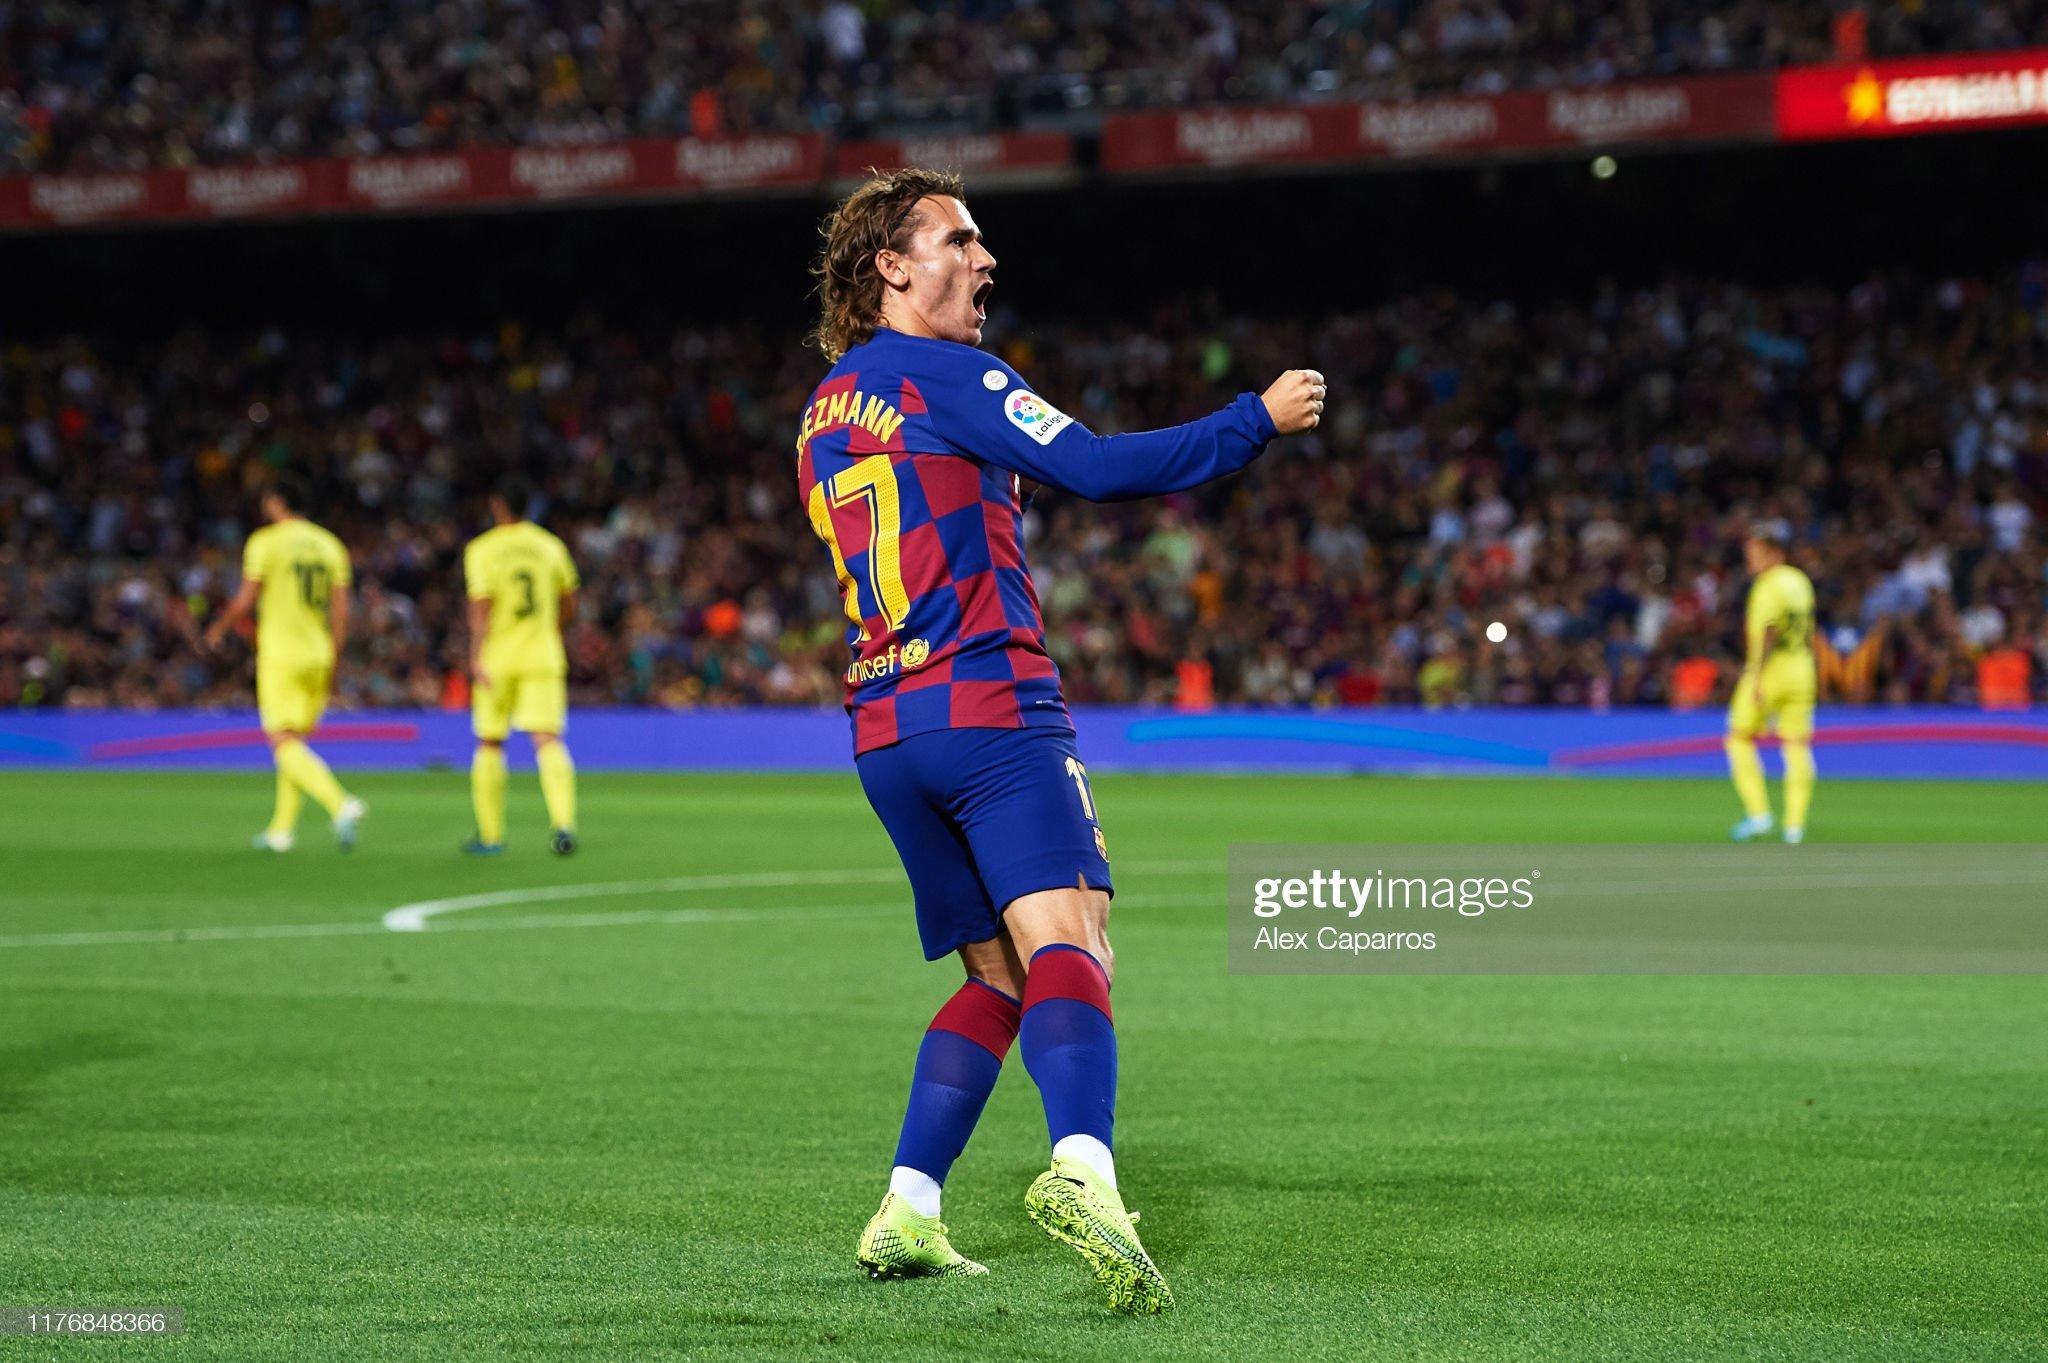 صور مباراة : برشلونة - فياريال 2-1 ( 24-09-2019 )  Antoine-griezmann-of-fc-barcelona-celebrates-scoring-the-opening-goal-picture-id1176848366?s=2048x2048